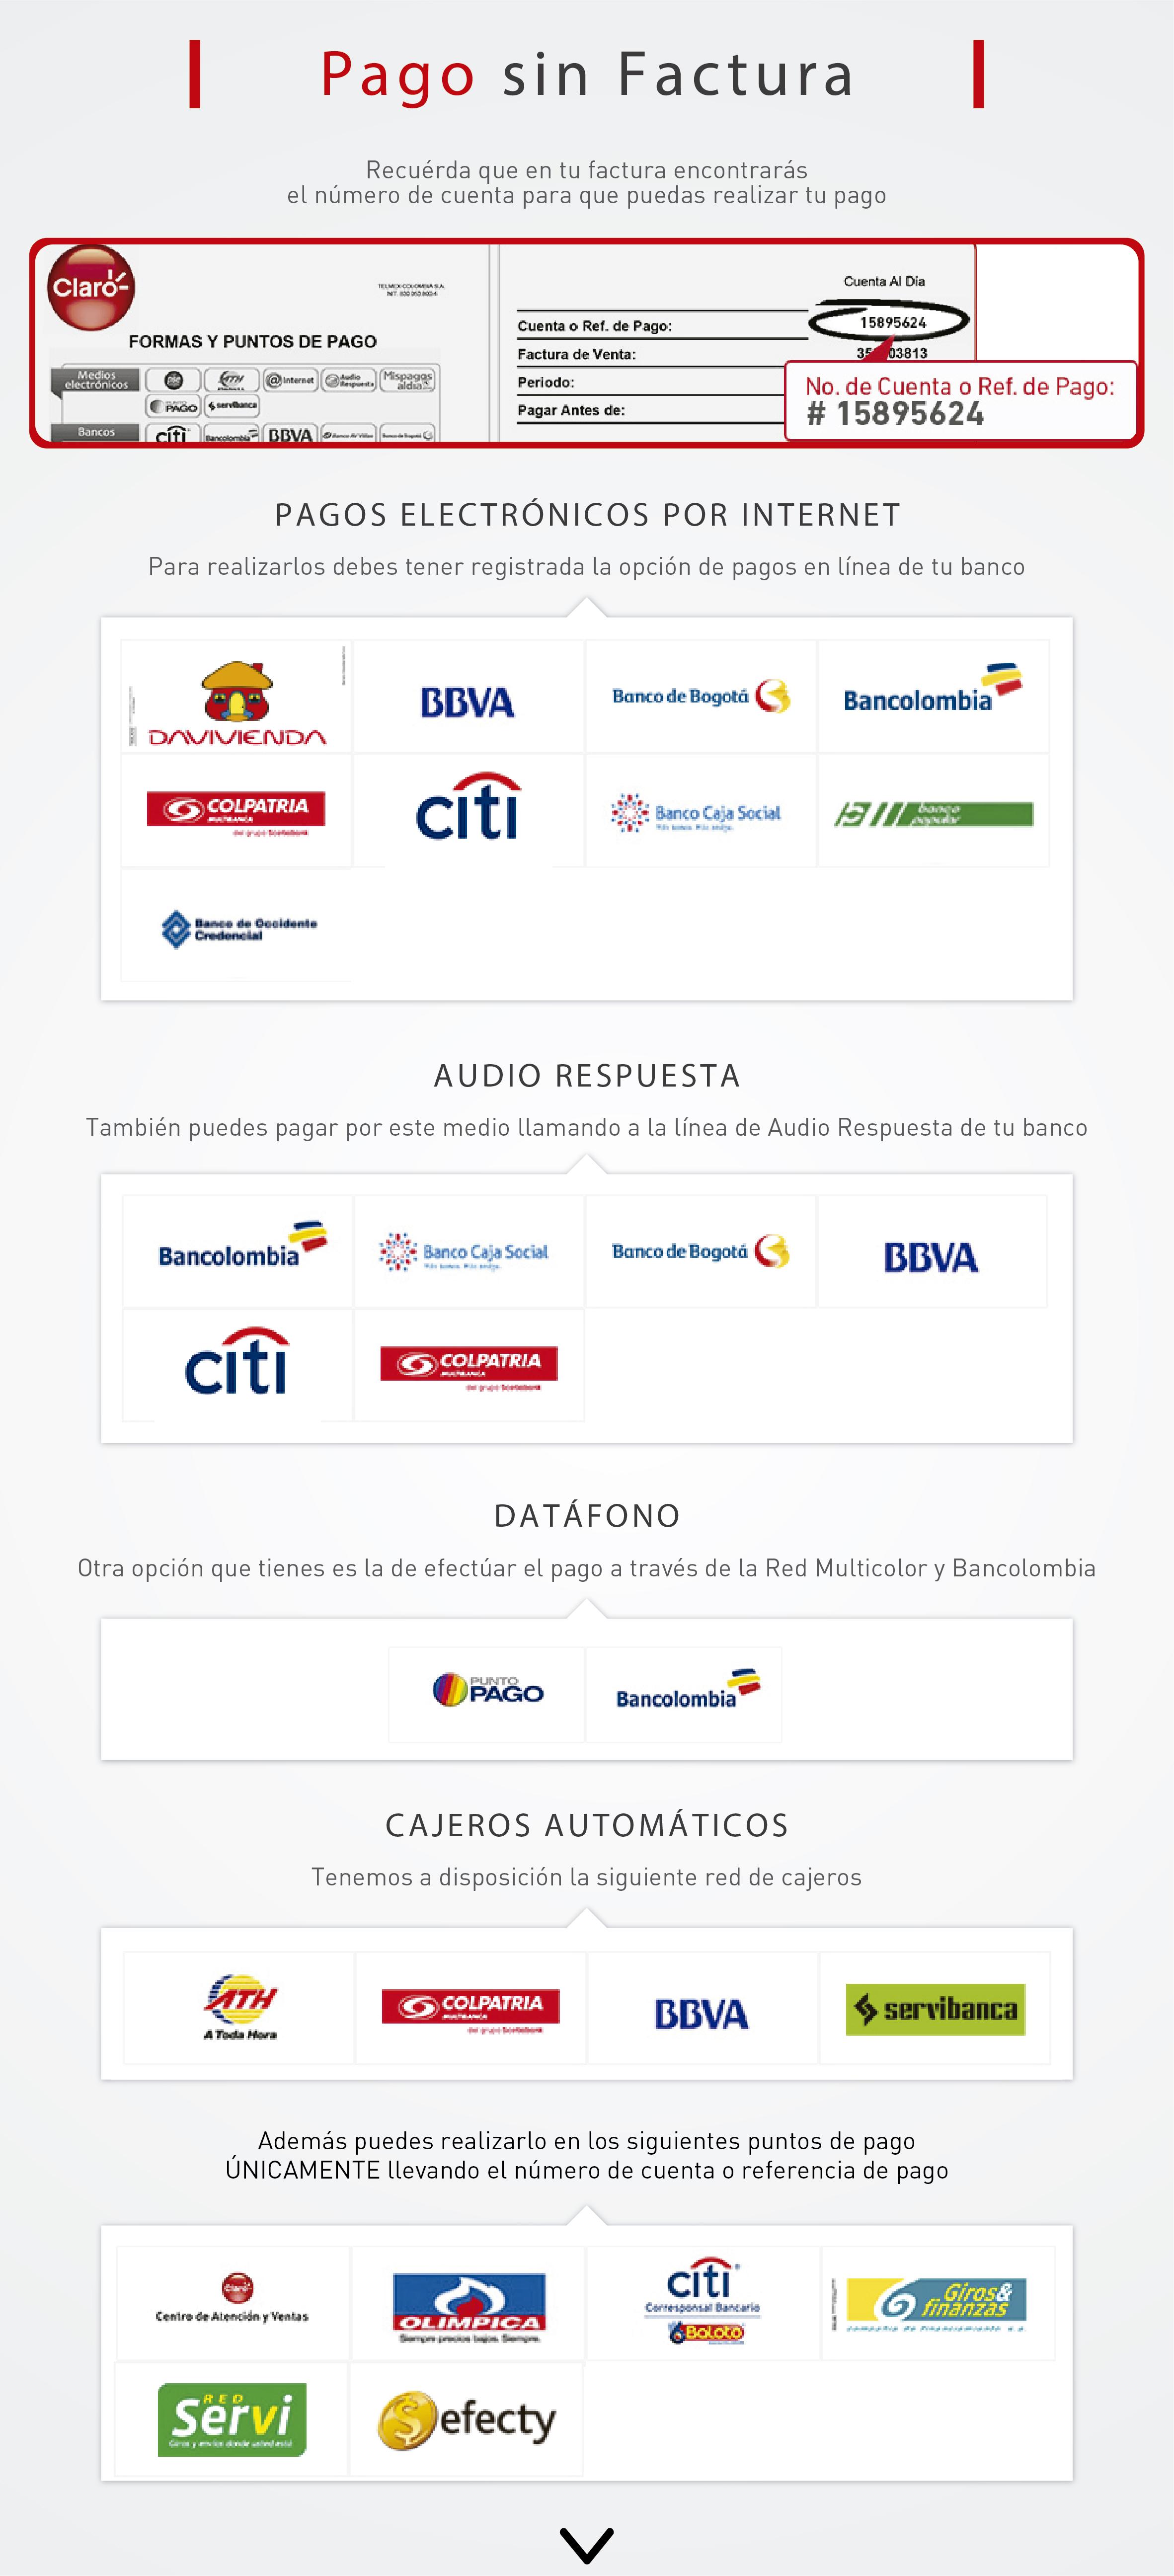 Puntos De Pago Autorizados Soporte Te Apoyamos A Resolver Tus Dudas Y Problemas Claro Colombia